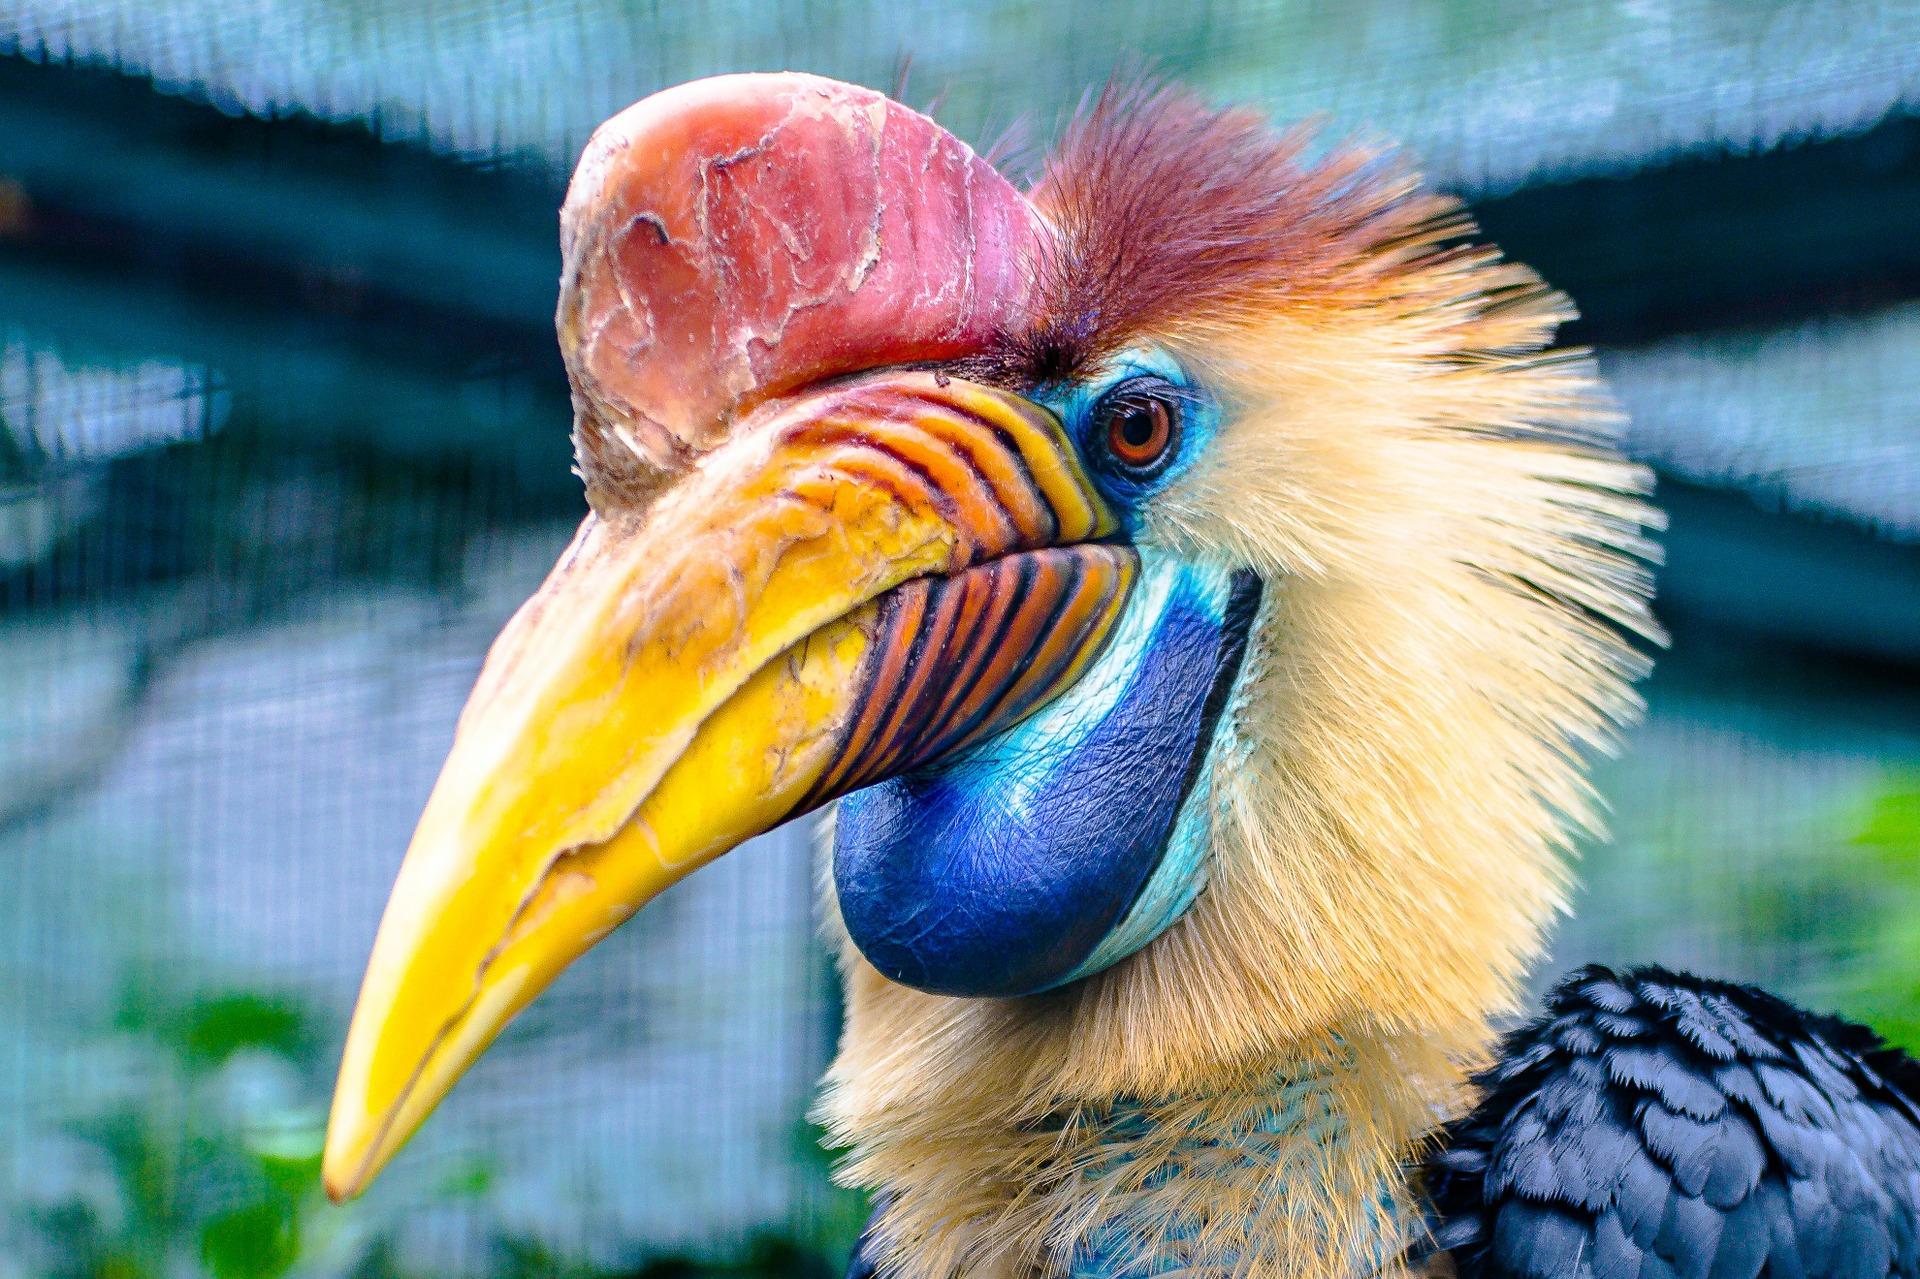 Vogel, seltene, Hornbill, Helm-hornbill, Ave - Wallpaper HD - Prof.-falken.com